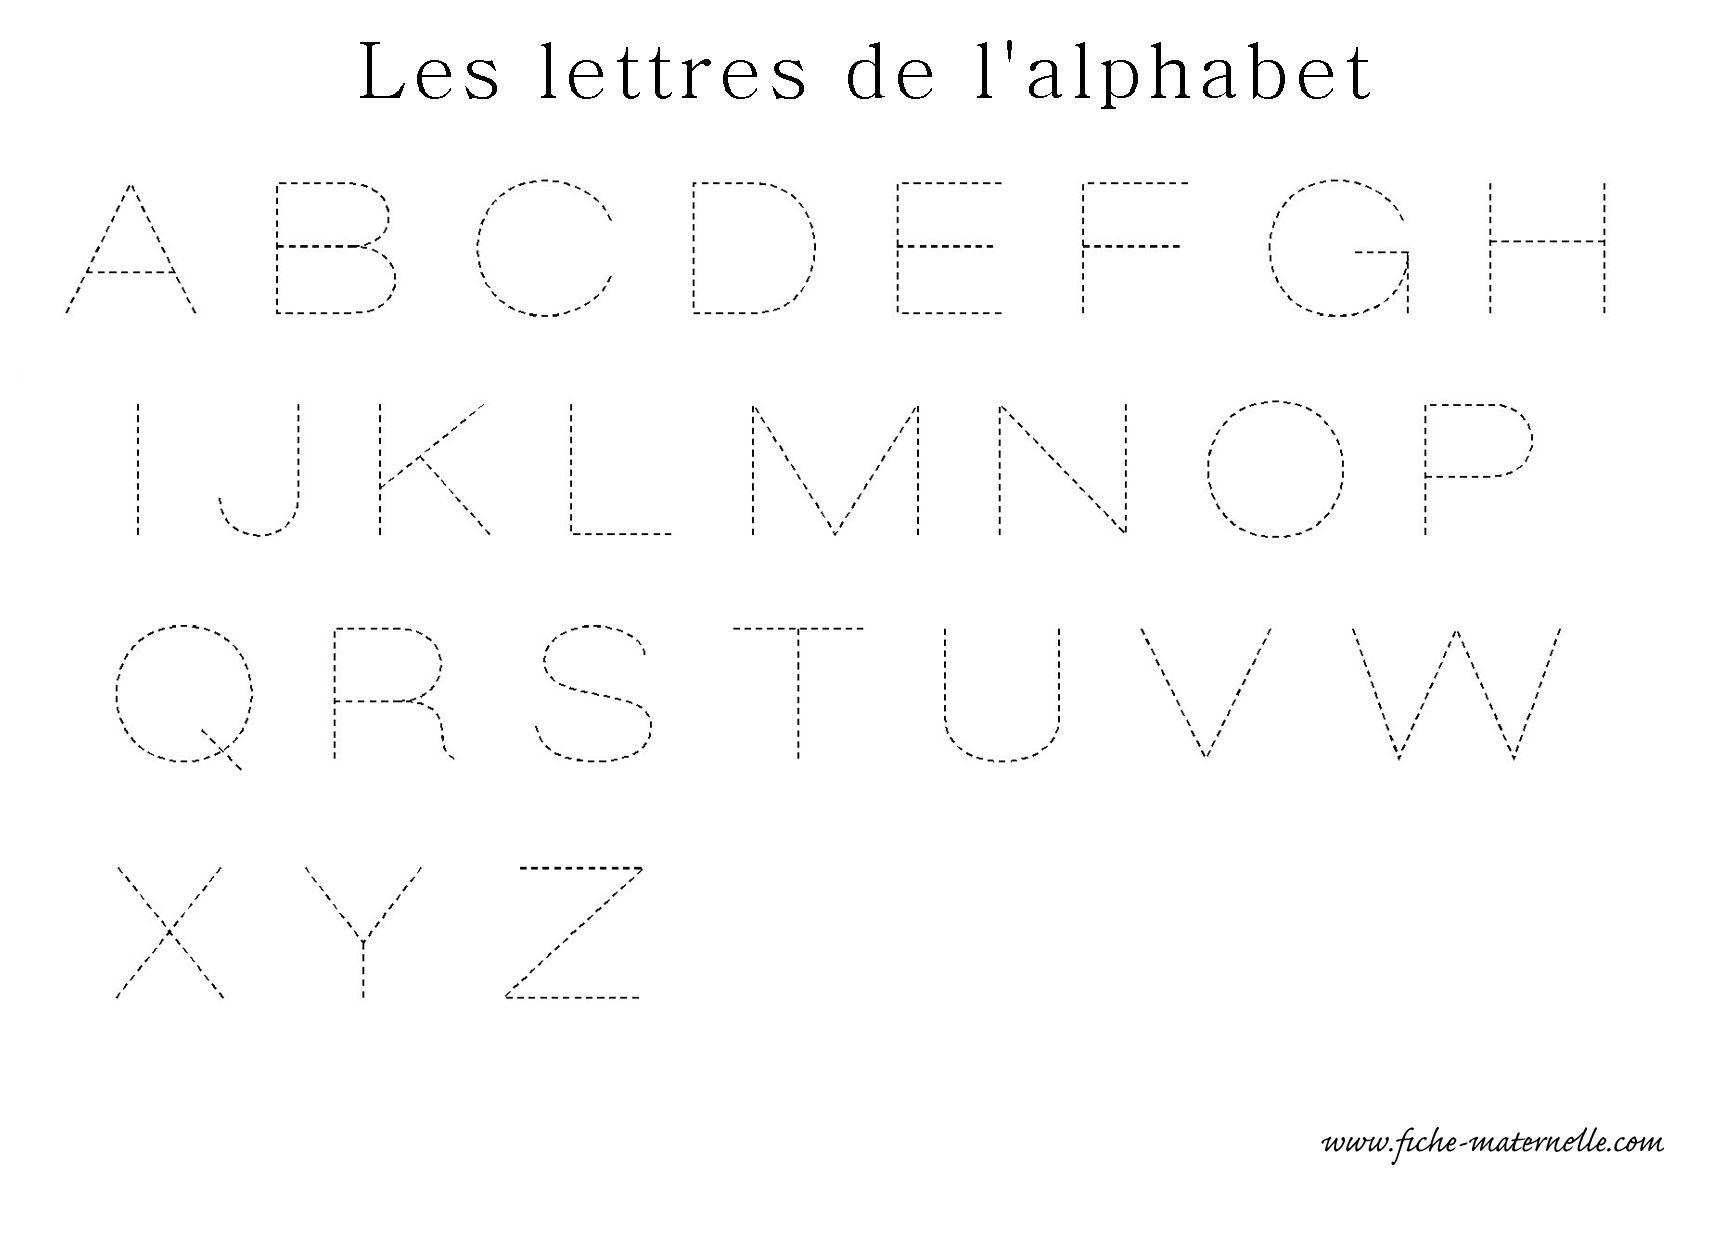 Apprendre A Ecrire Les Lettres De L Alphabet En Ecriture tout Apprendre A Ecrire Les Chiffres